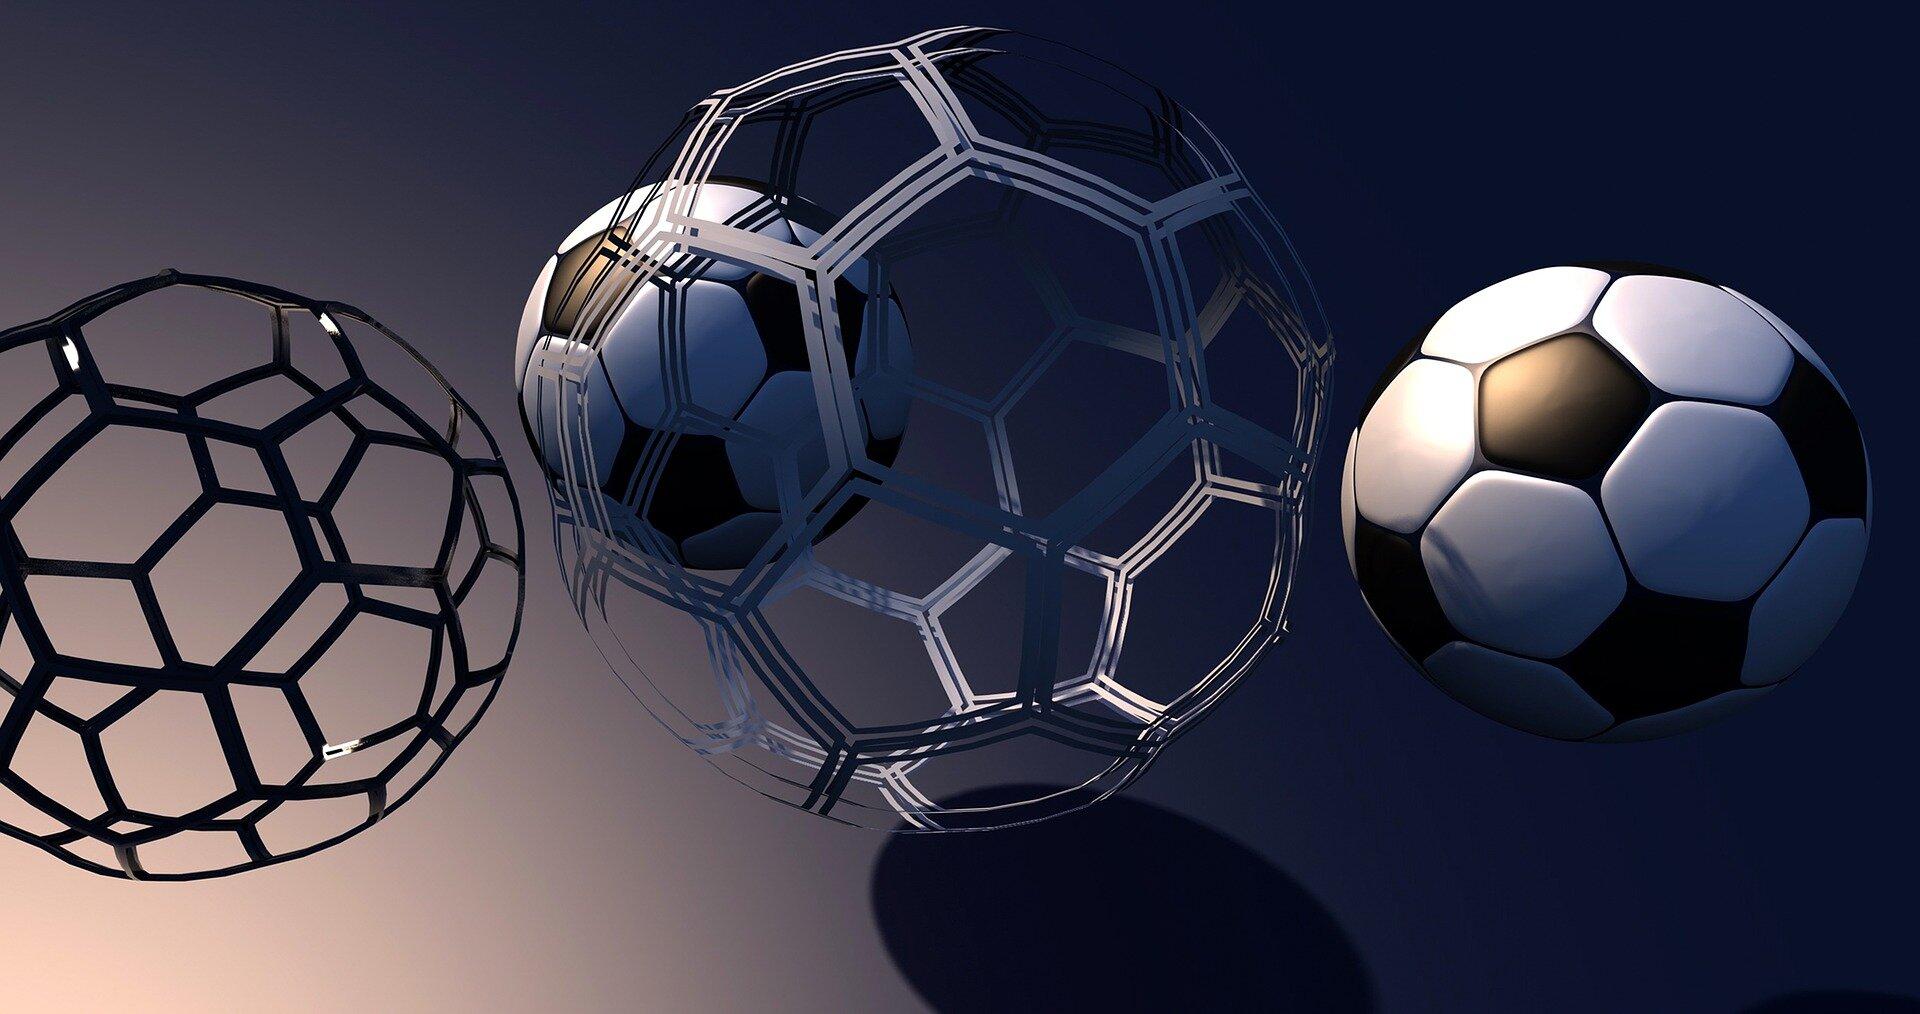 Fulleren-verbindungen hilft im Kampf gegen Lungenkrebs